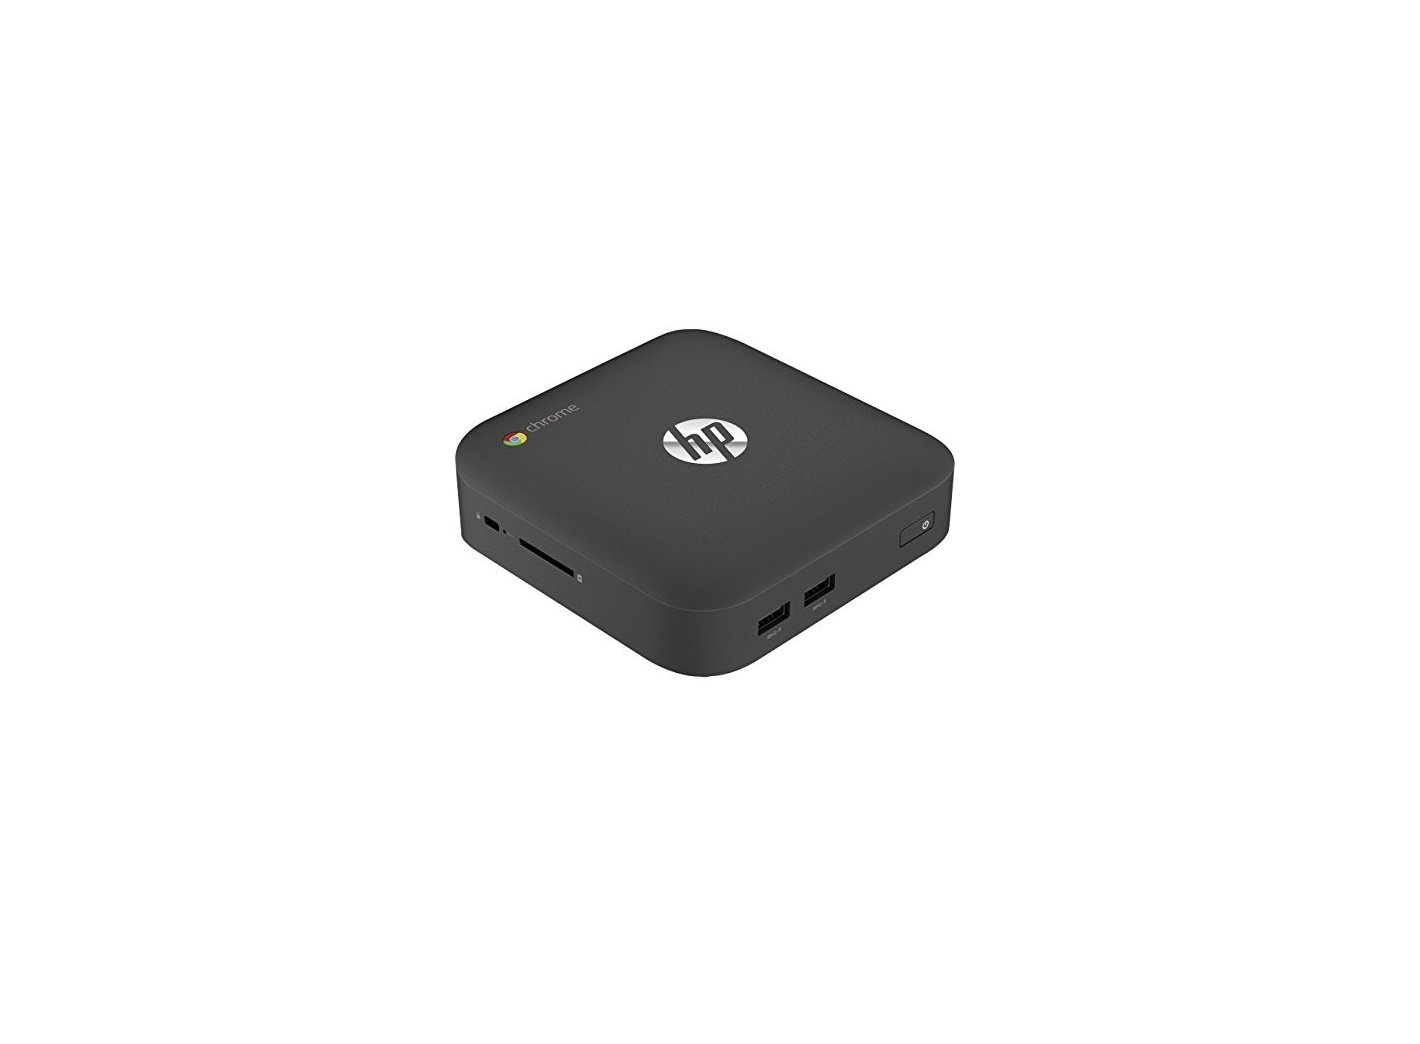 HP Chromebox Intel Celeron 2955U 1.4GHz 4GB 16GB SSD 802.11 b/g/n BT Chrome OS Ultra SFF J5N50UT#ABA